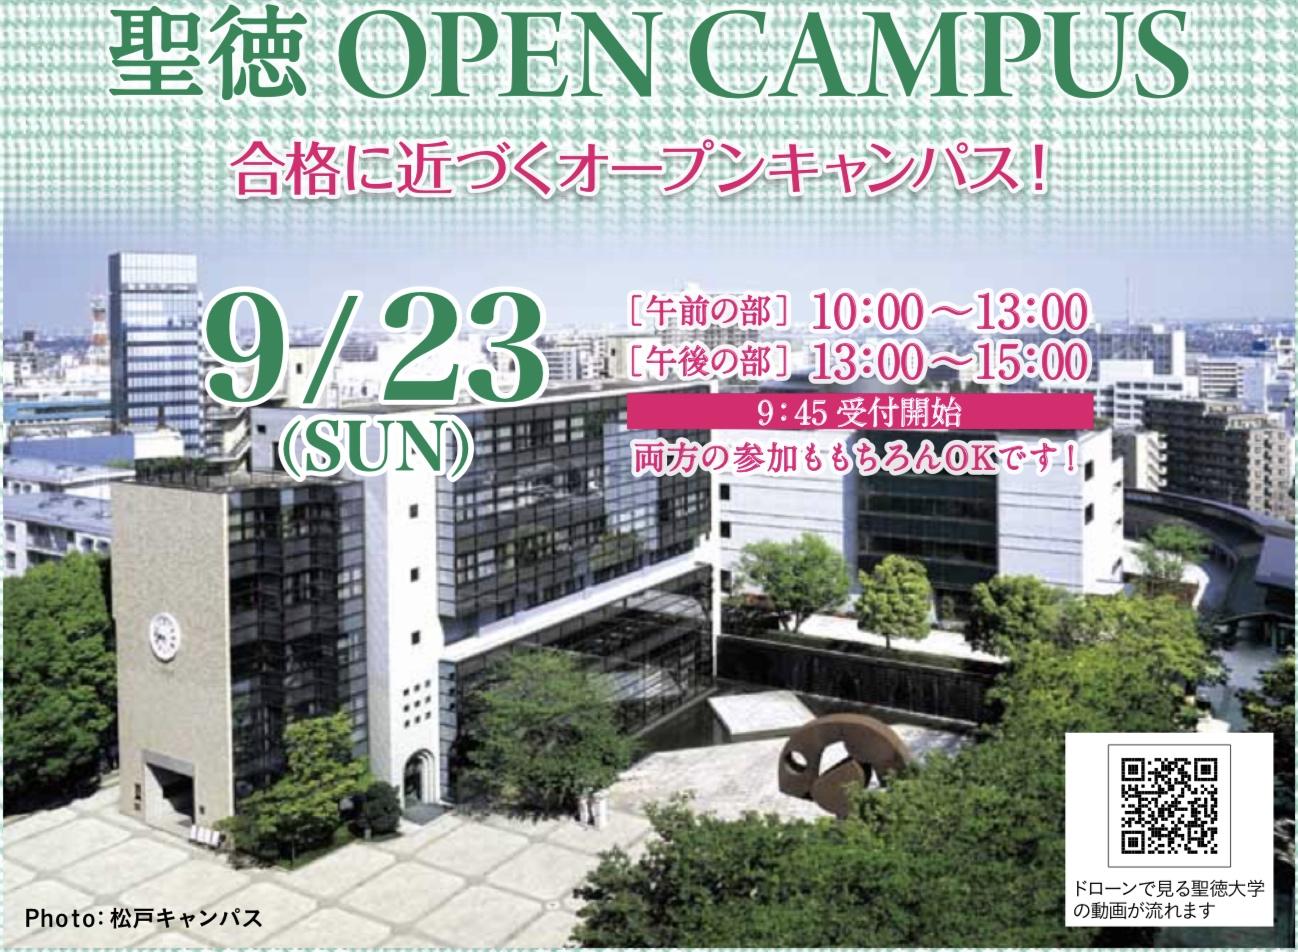 9月23日にオープンキャンパスを開催いたします